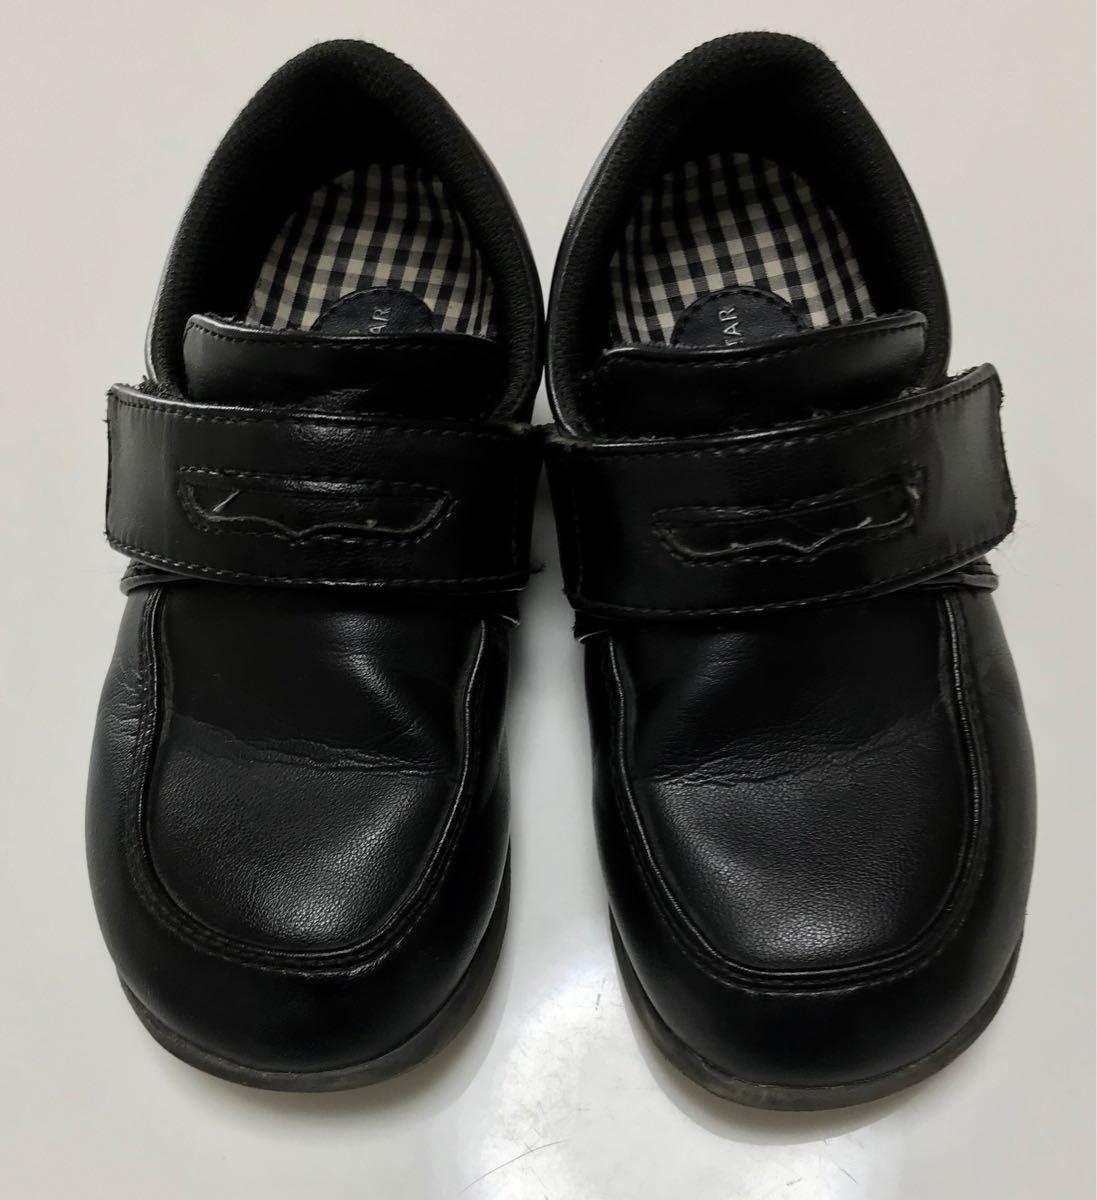 58d270aa6bcd5 ムーンスター*キャロット フォーマルシューズ C2092 ブラック 18cm*靴 黒 ローファー 入学式 入園